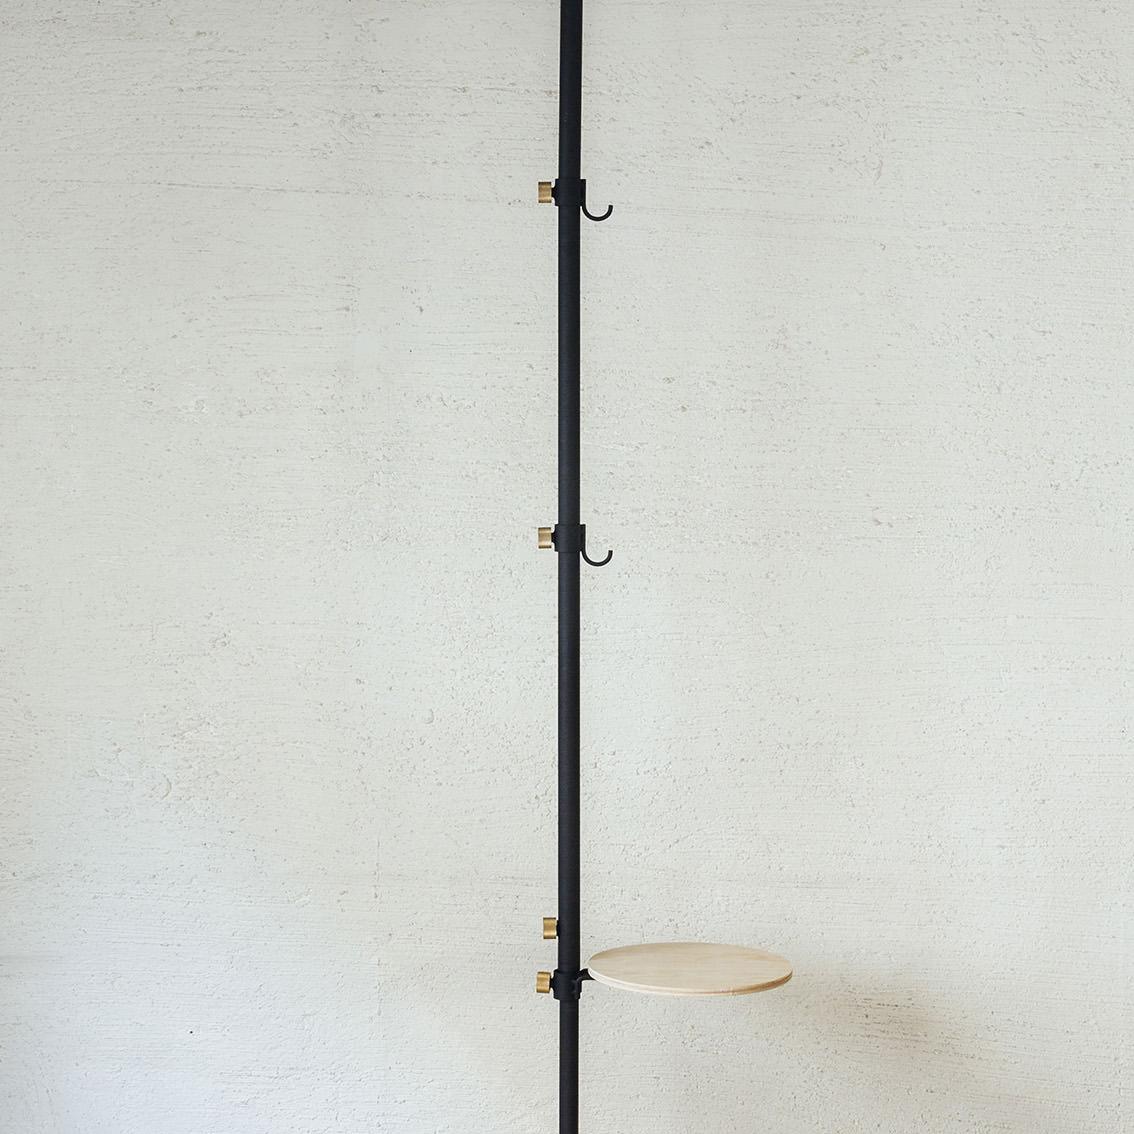 長フック|1本の線(ライン)に、鍵もバッグも指定席ができる「つっぱり棒」|DRAW A LINE